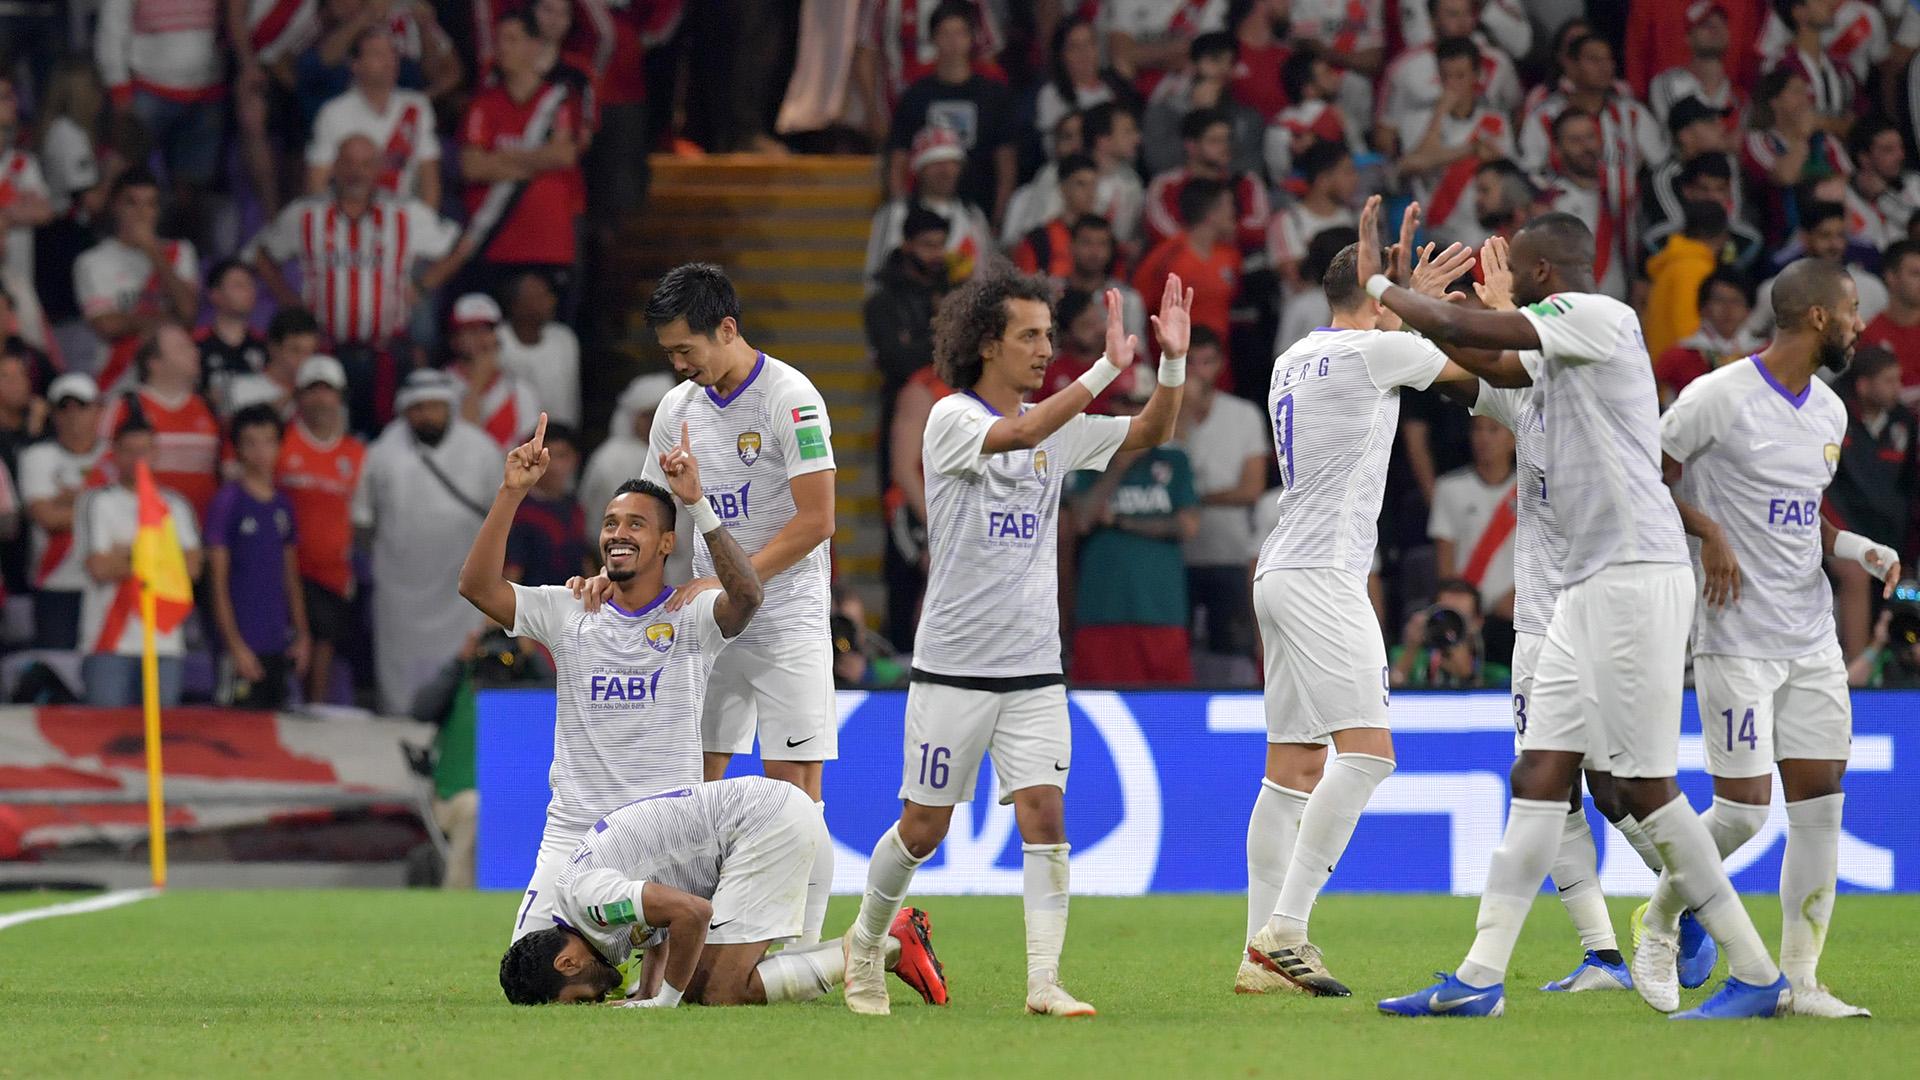 El equipo árabe celebra el empate 2-2 con el que llevaron la serie al alargue